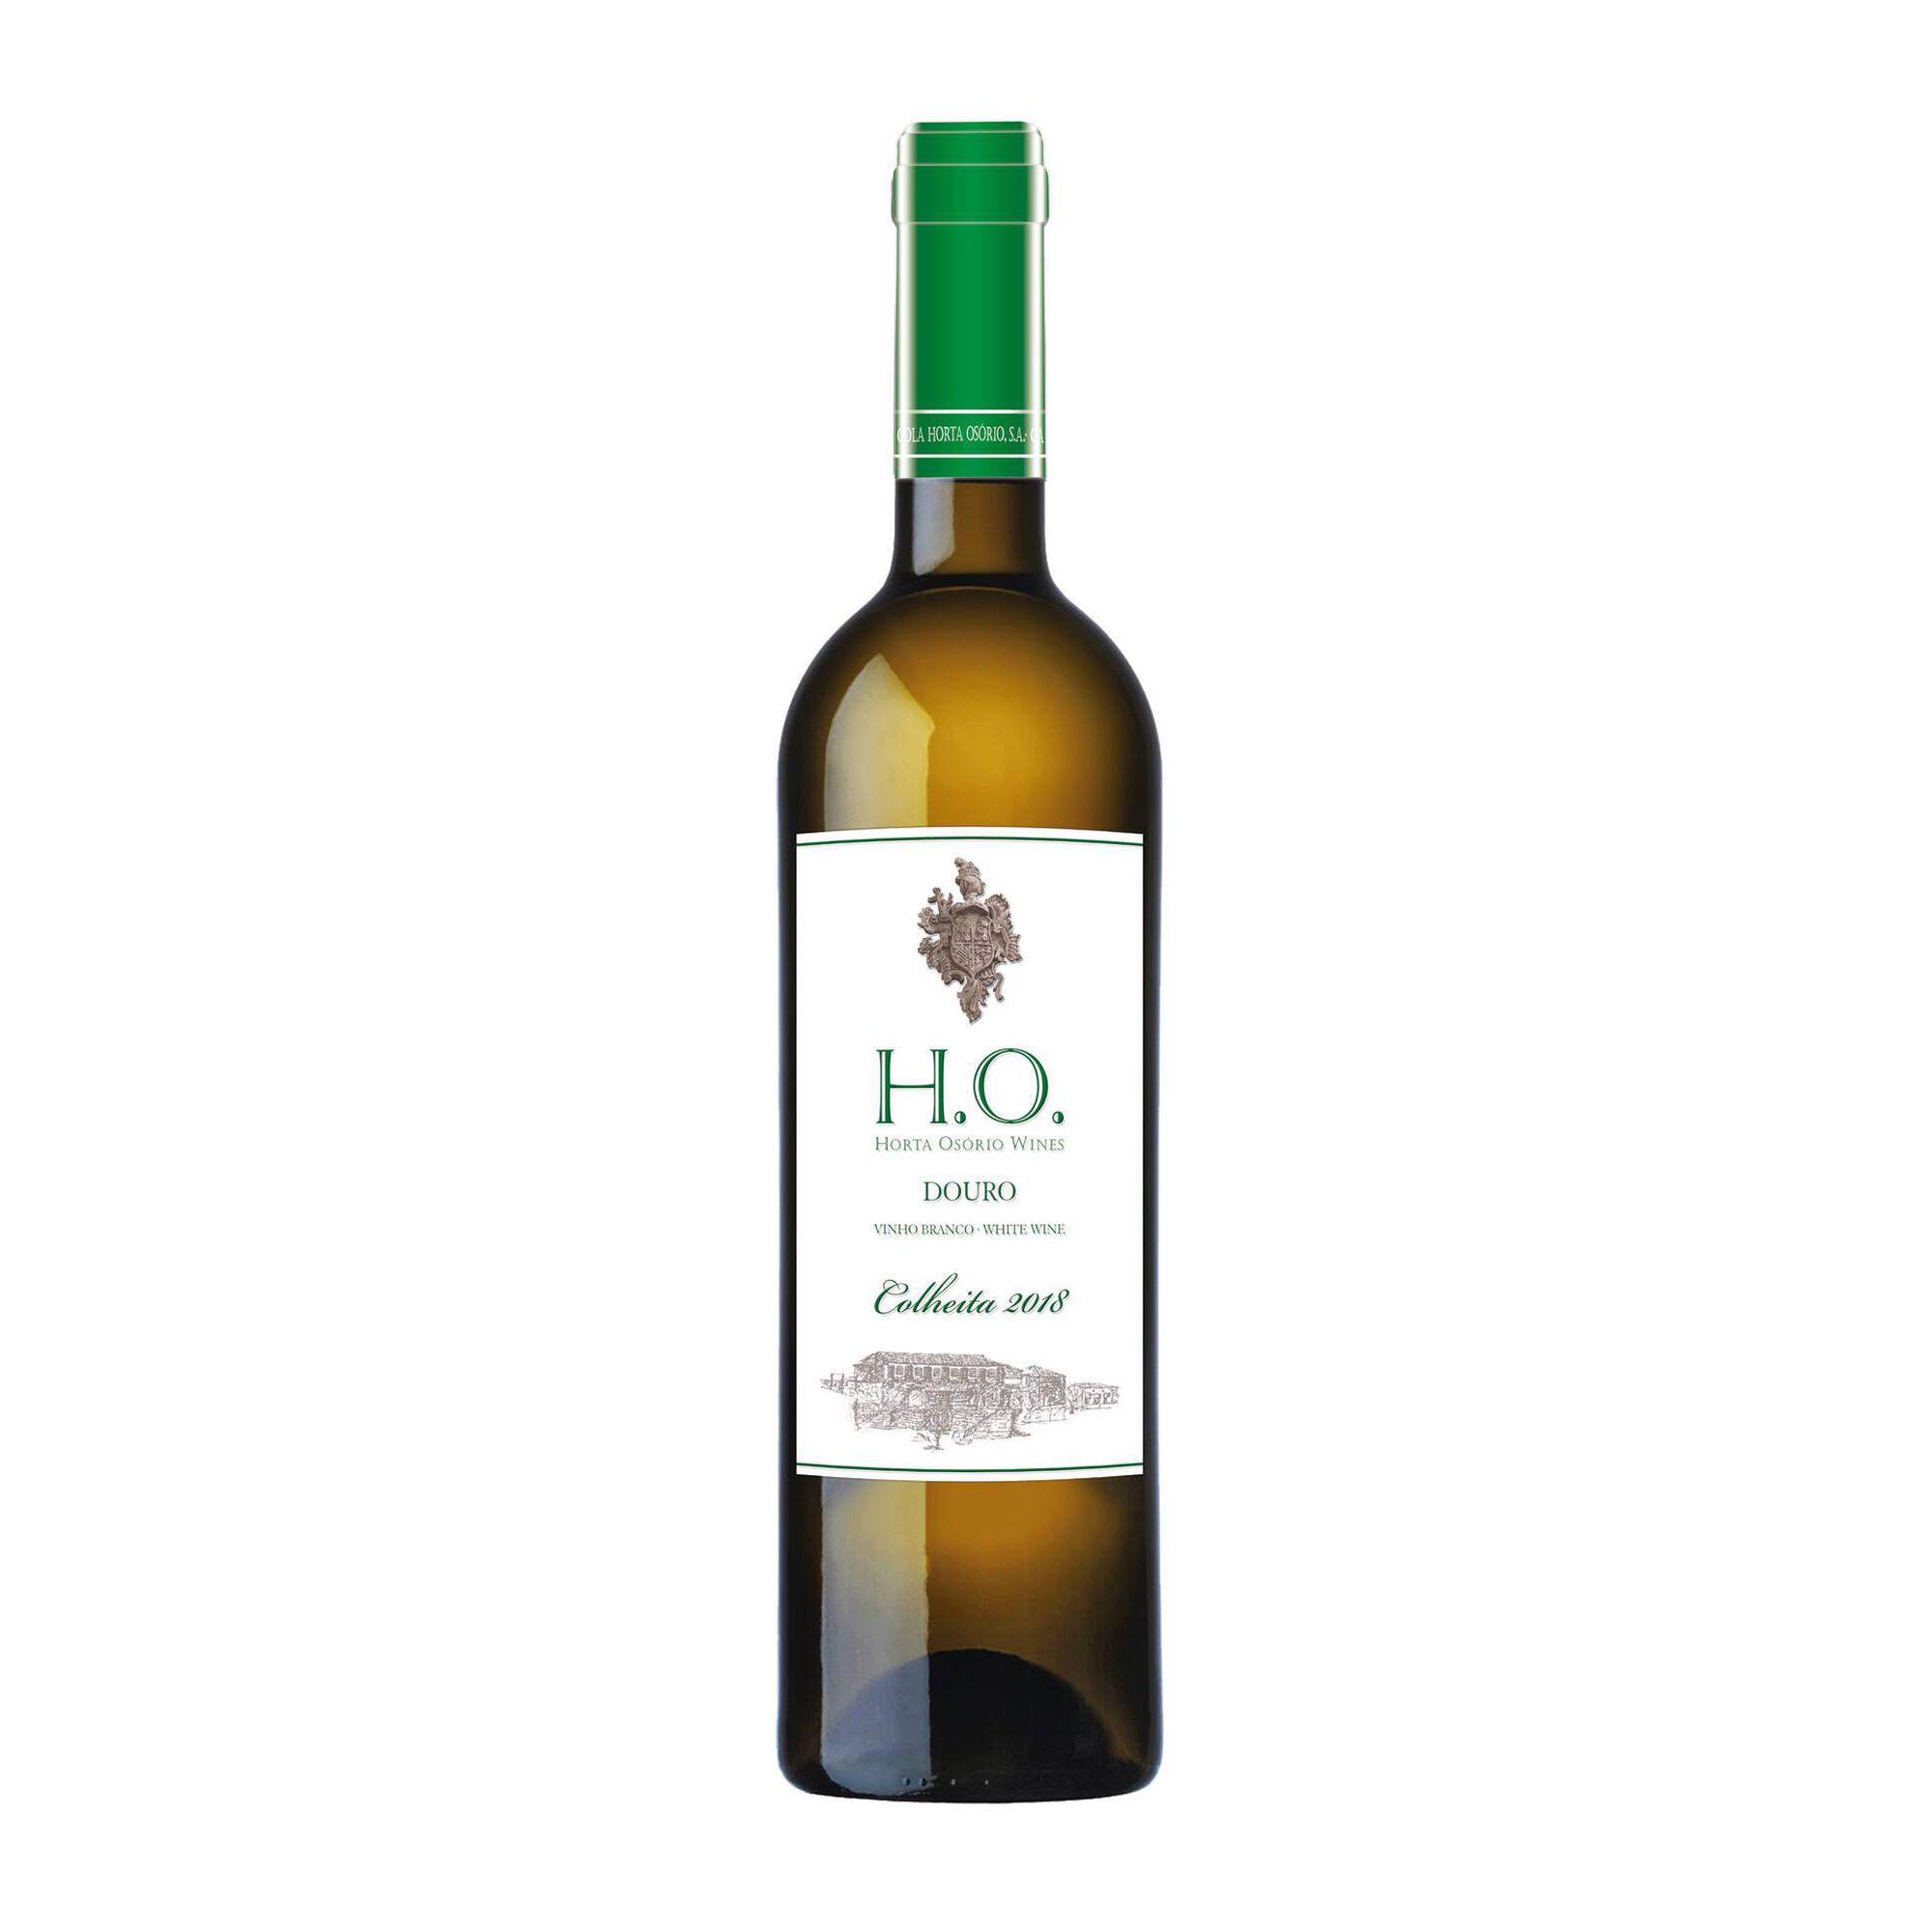 Horta Osório DOC Douro Vinho Branco